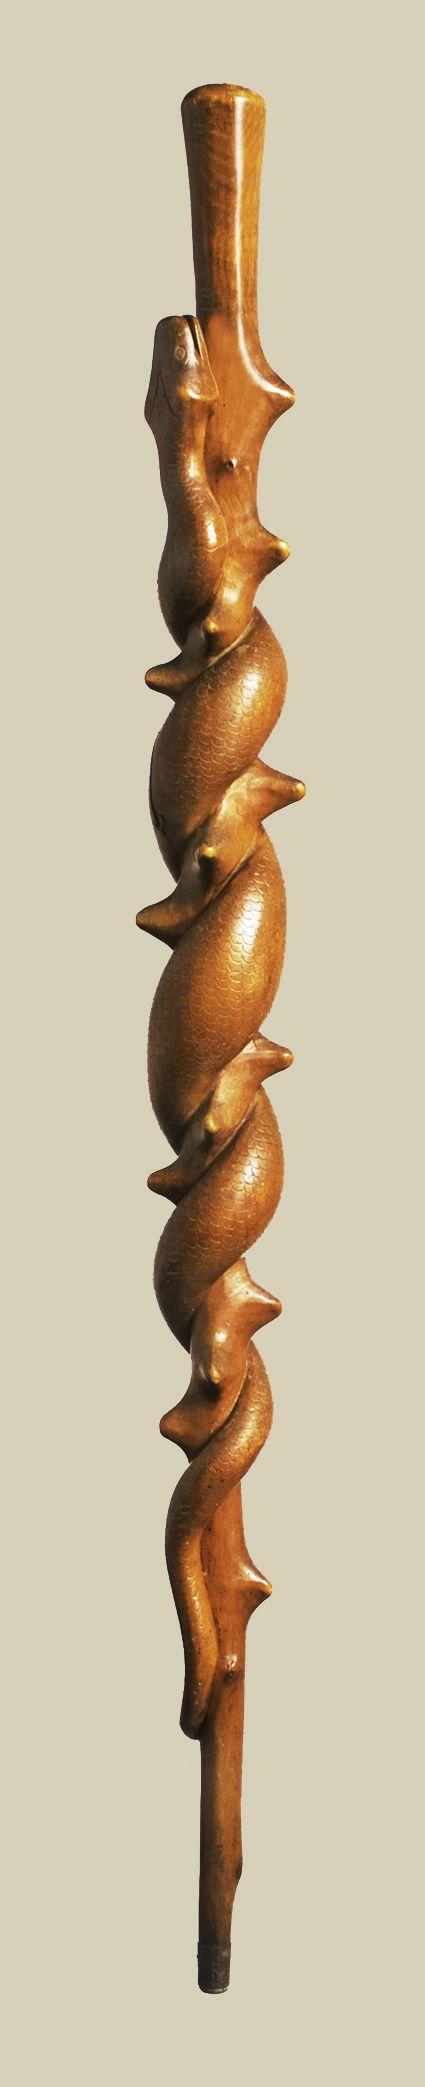 Canne Art Populaire monoxyle aux dimensions inhabituelles - Un gros serpent monte en spirale sur un fût taillé façon épine - Début XXème siècle